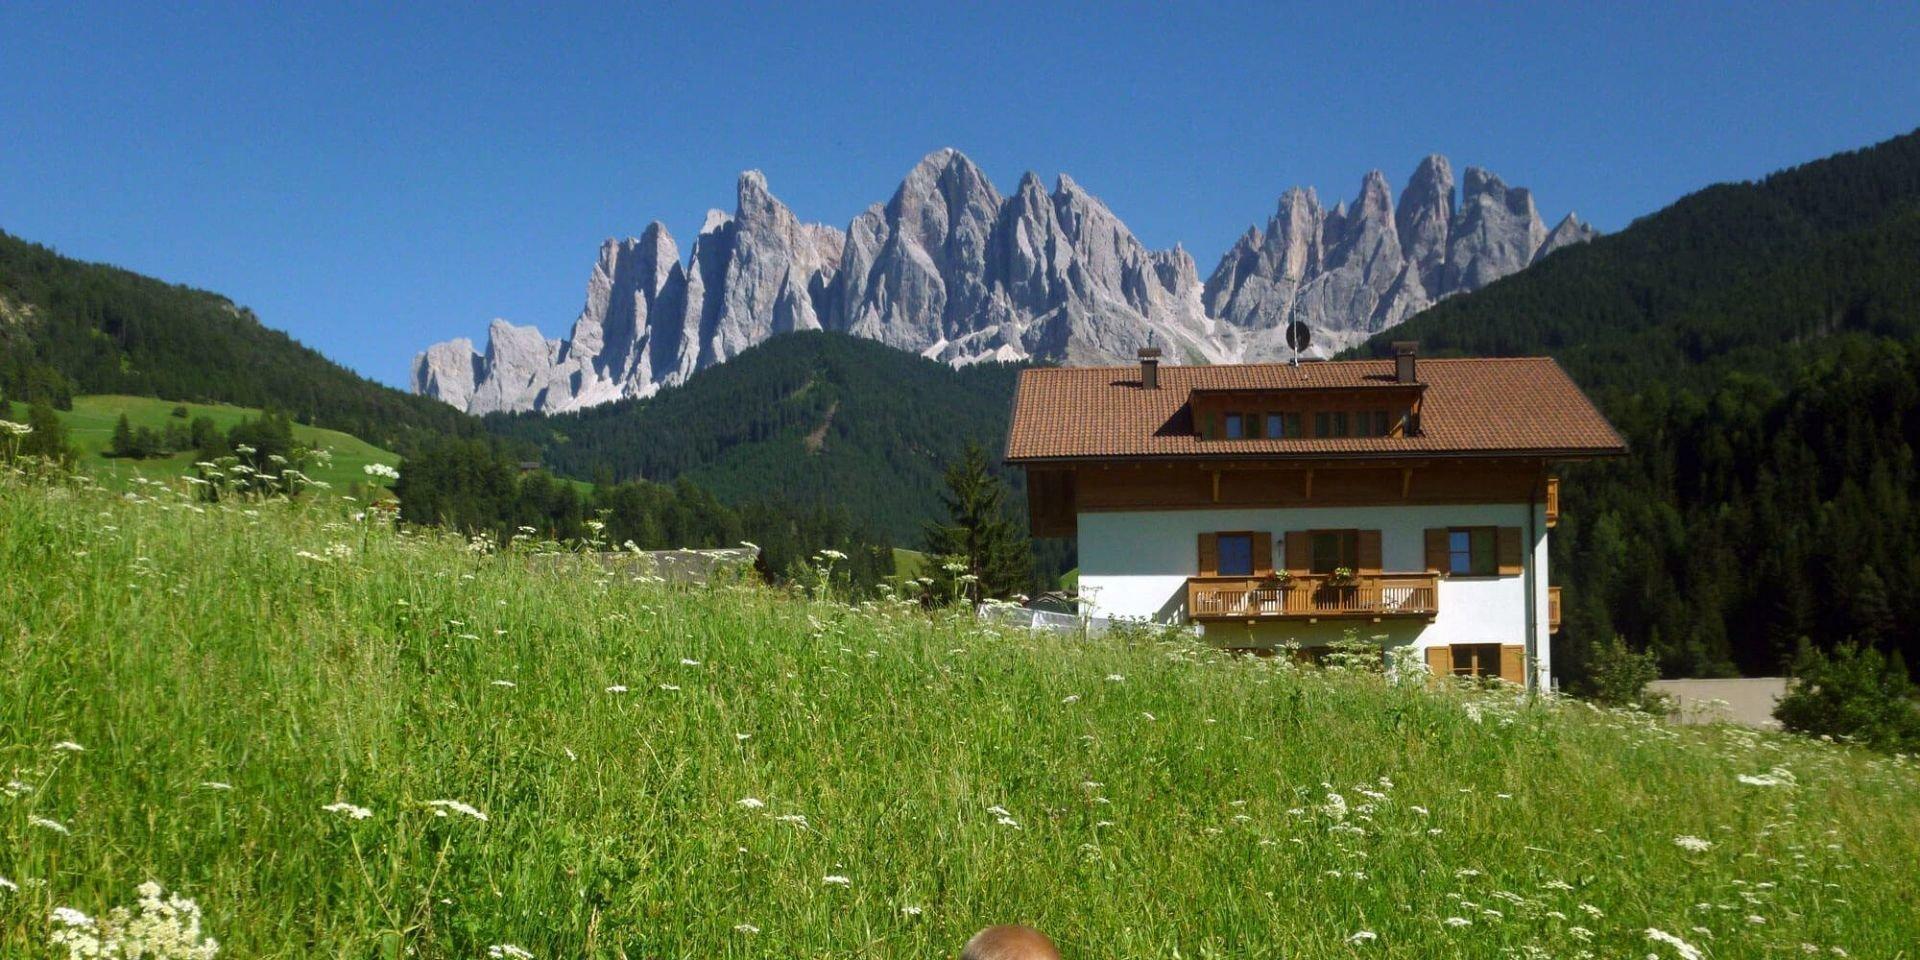 Urlaub auf dem Bauernhof in Villnöss/ Südtirol